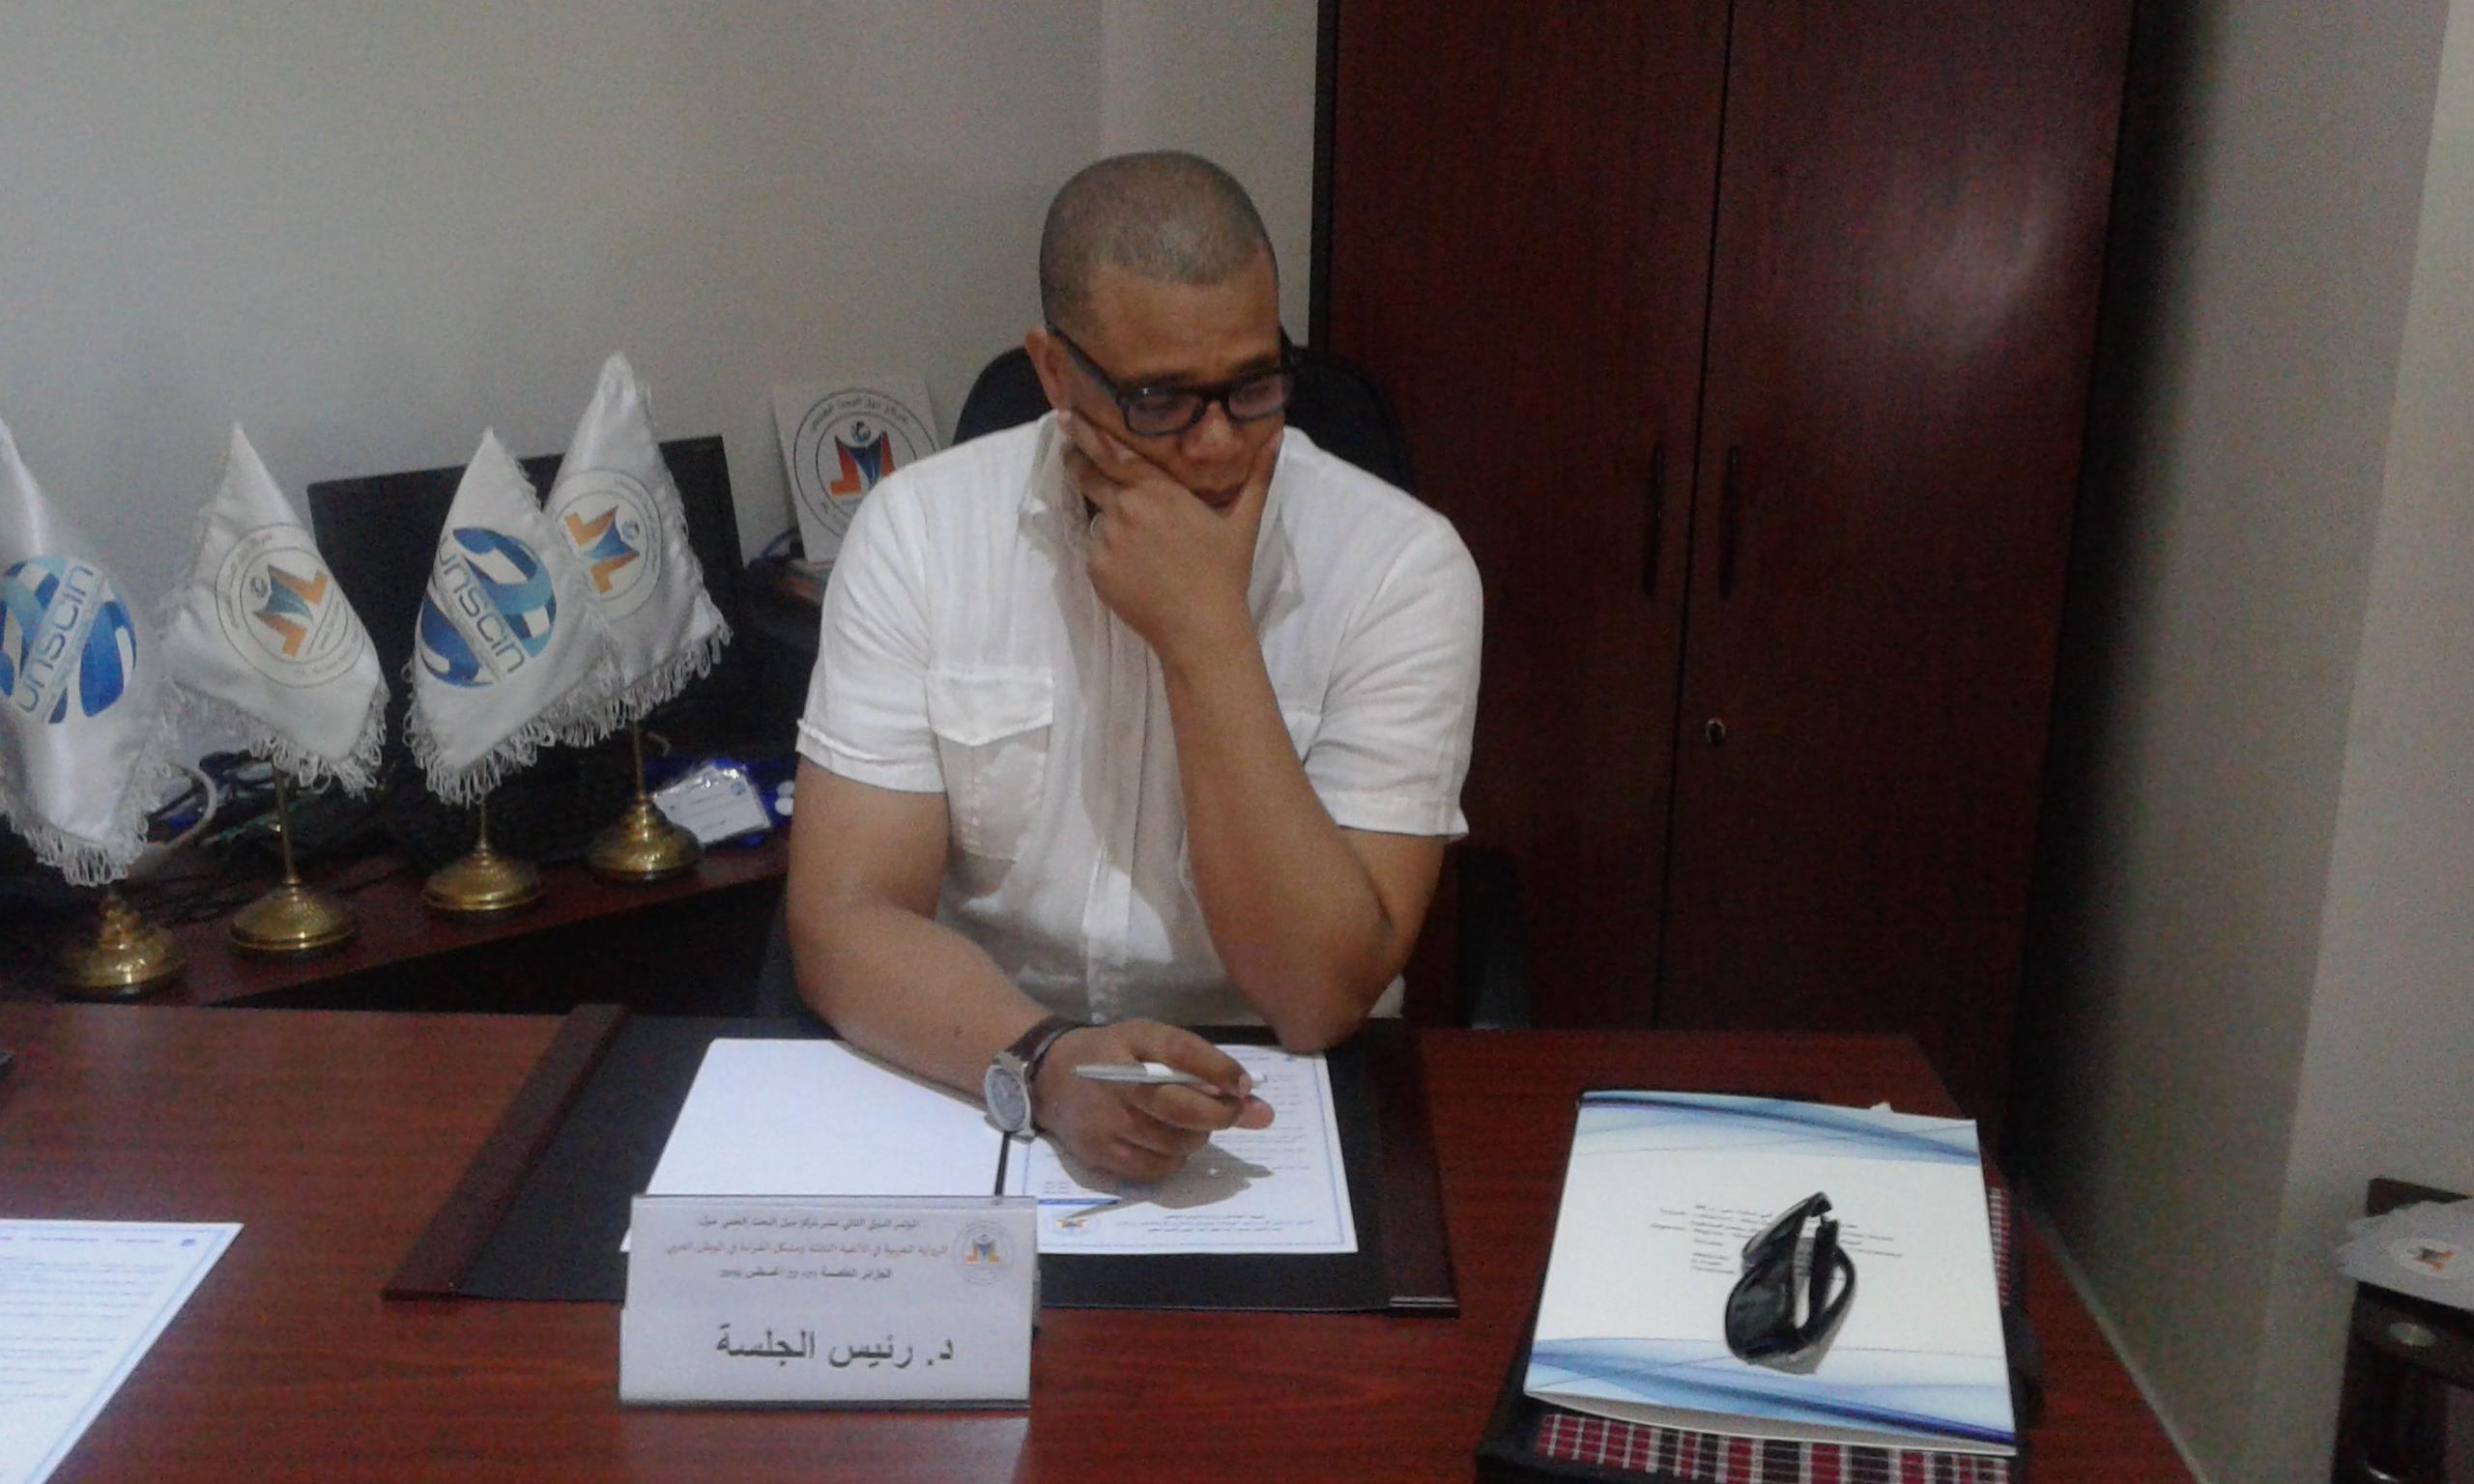 الدكتور عبد الحق عمر بلعابد